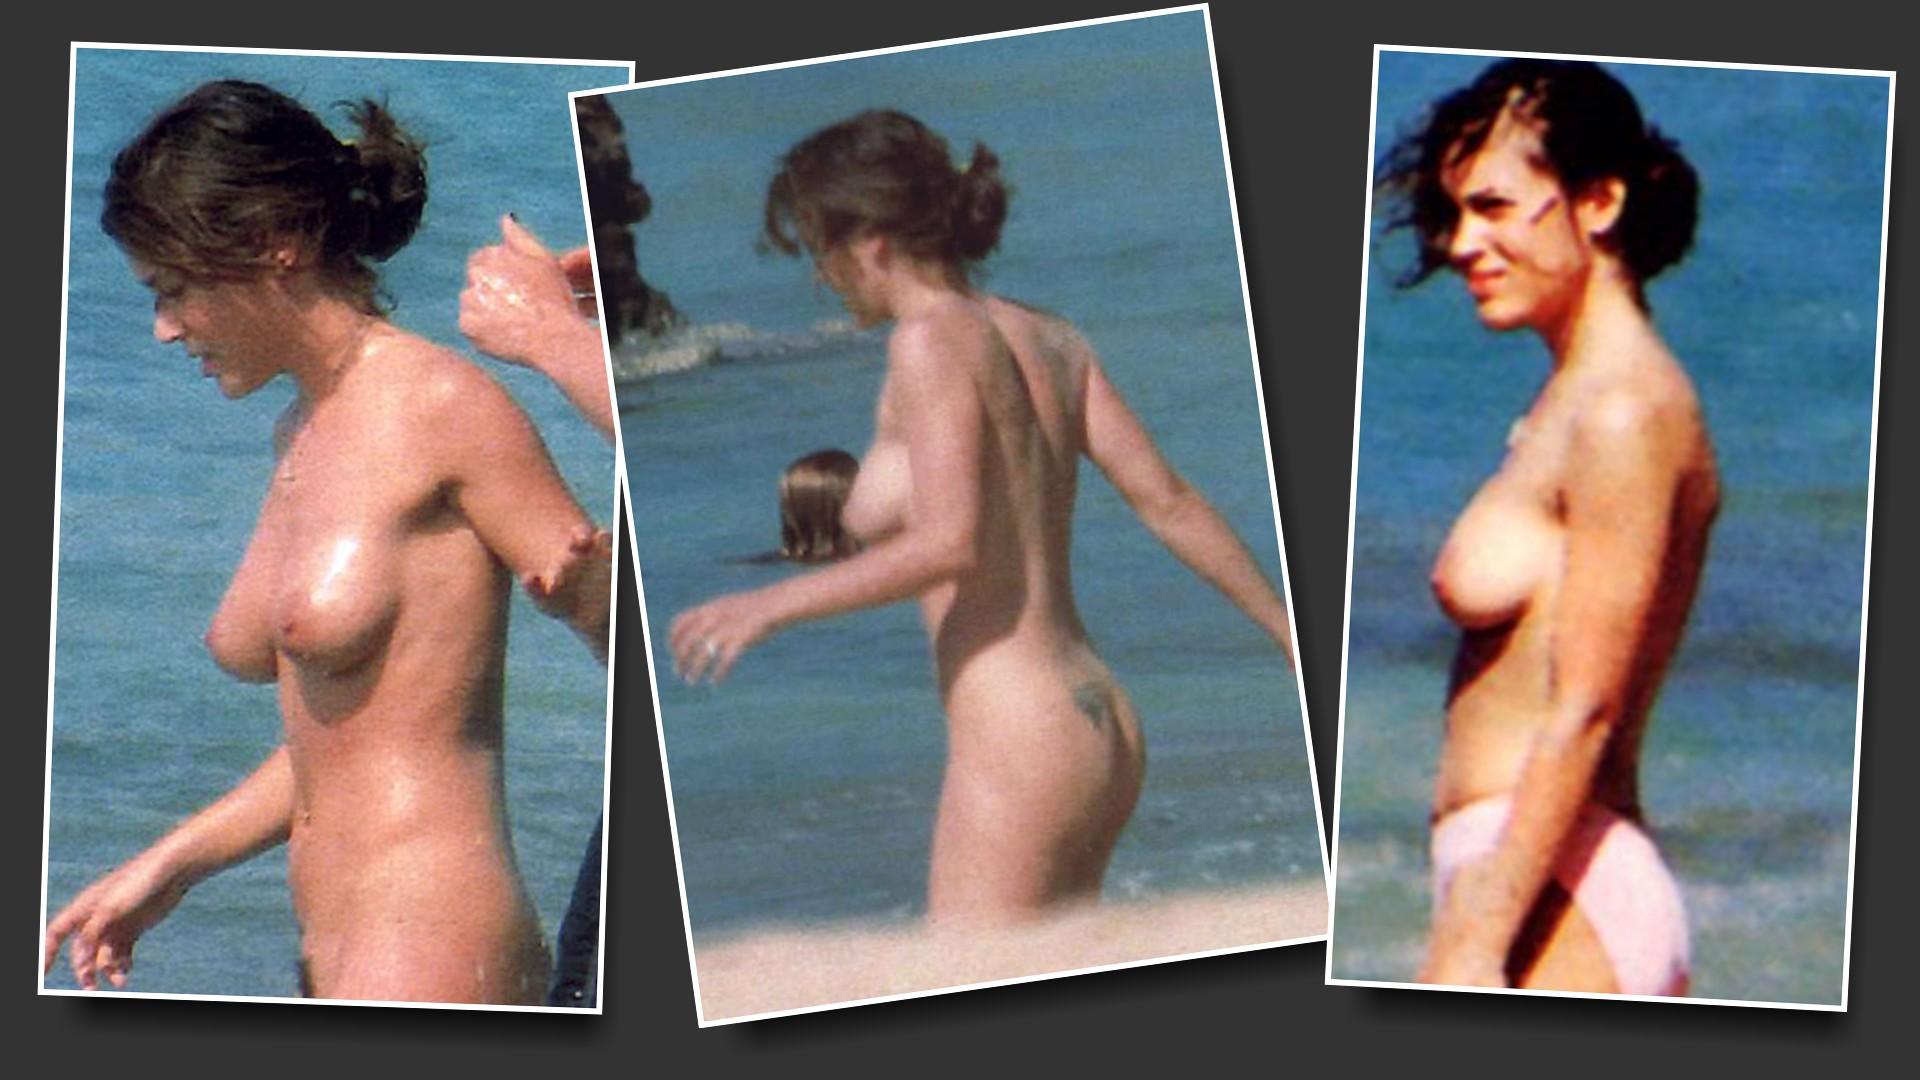 Alyssa Milano Nude Free alyssa milano nude pictures. rating = 8.44/10